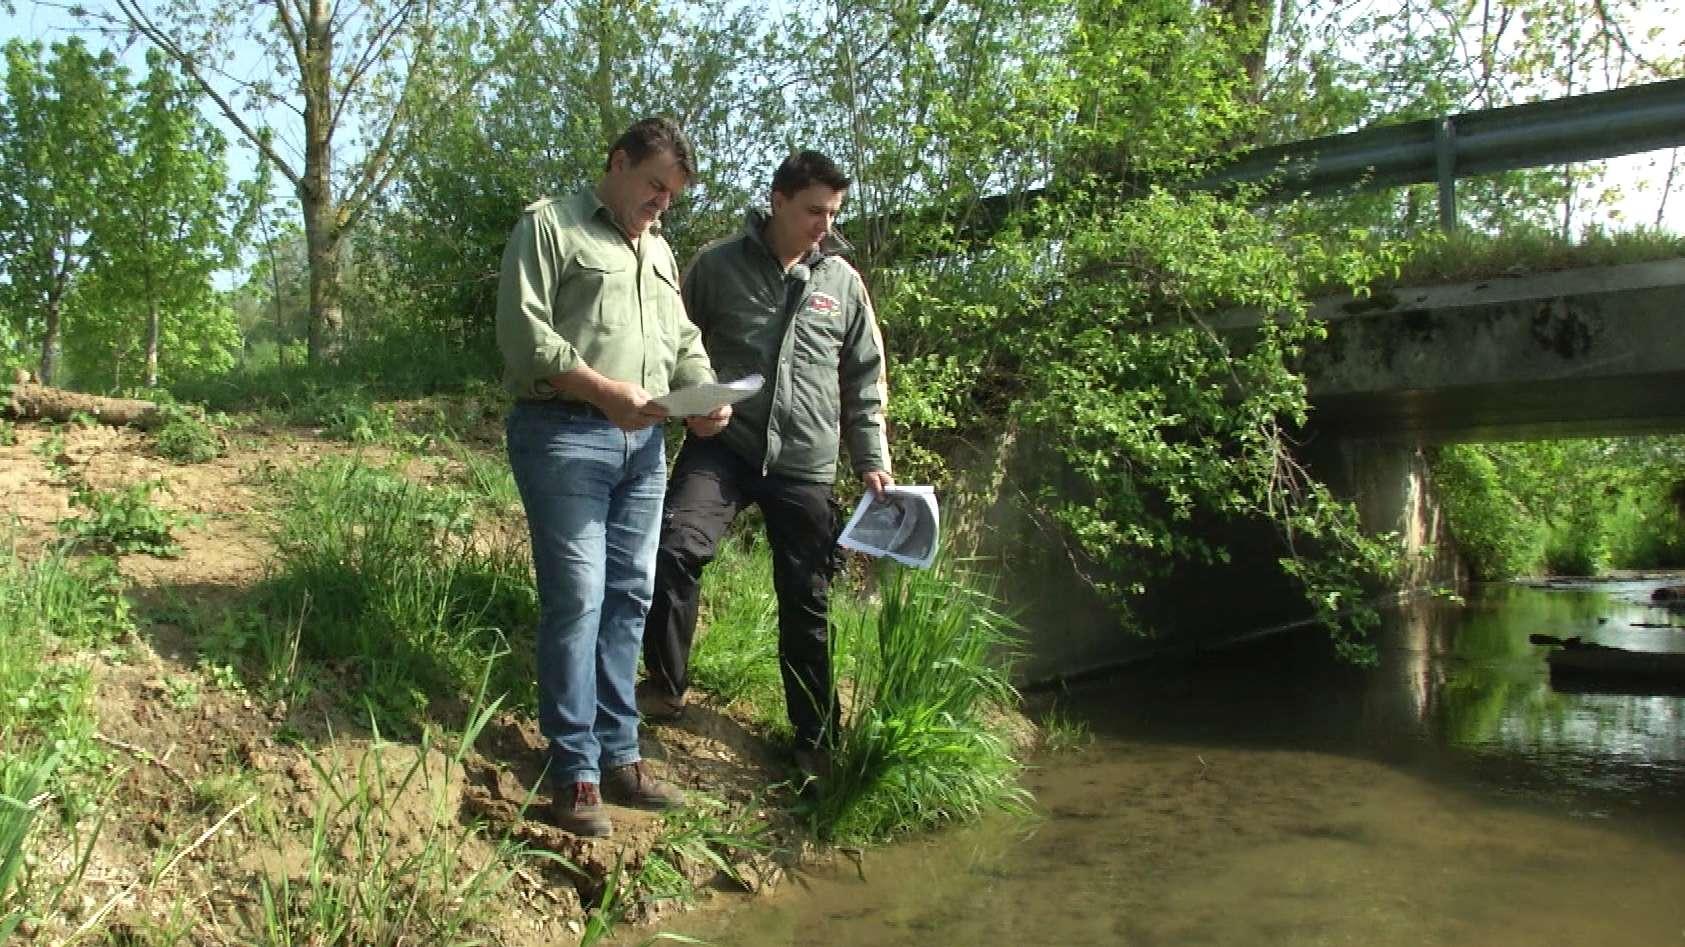 Hobbyangler Manfred und Tobias Weiherer an der nach Biogasanlagenunfall gesperrten Laaber